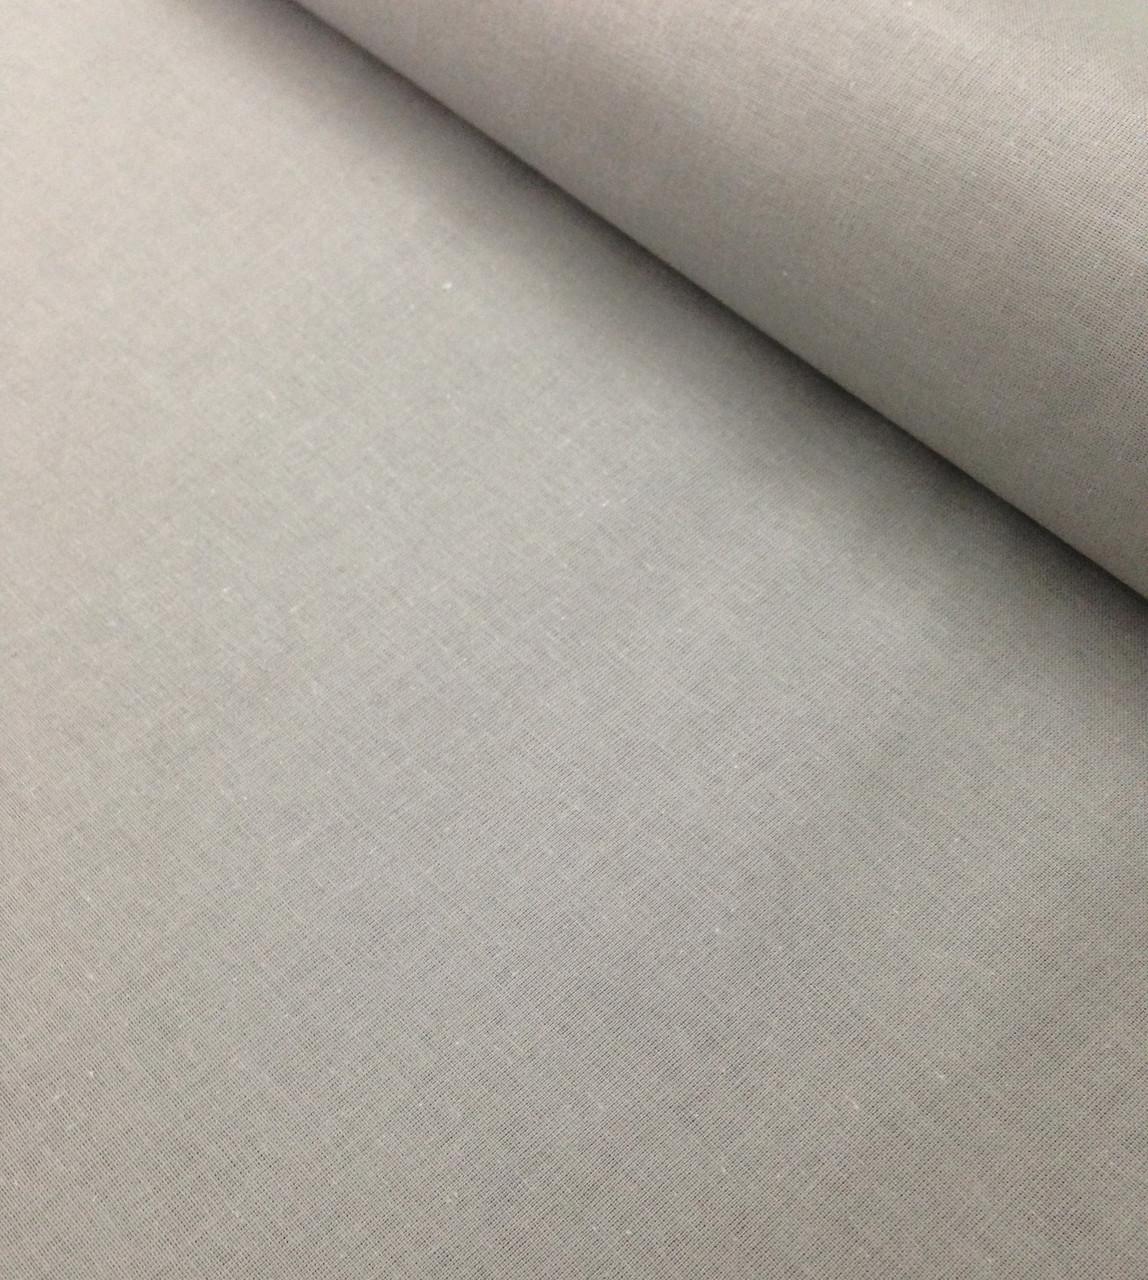 Хлопковая ткань польская графитовый однотонный Отрез(0.6*1.6)